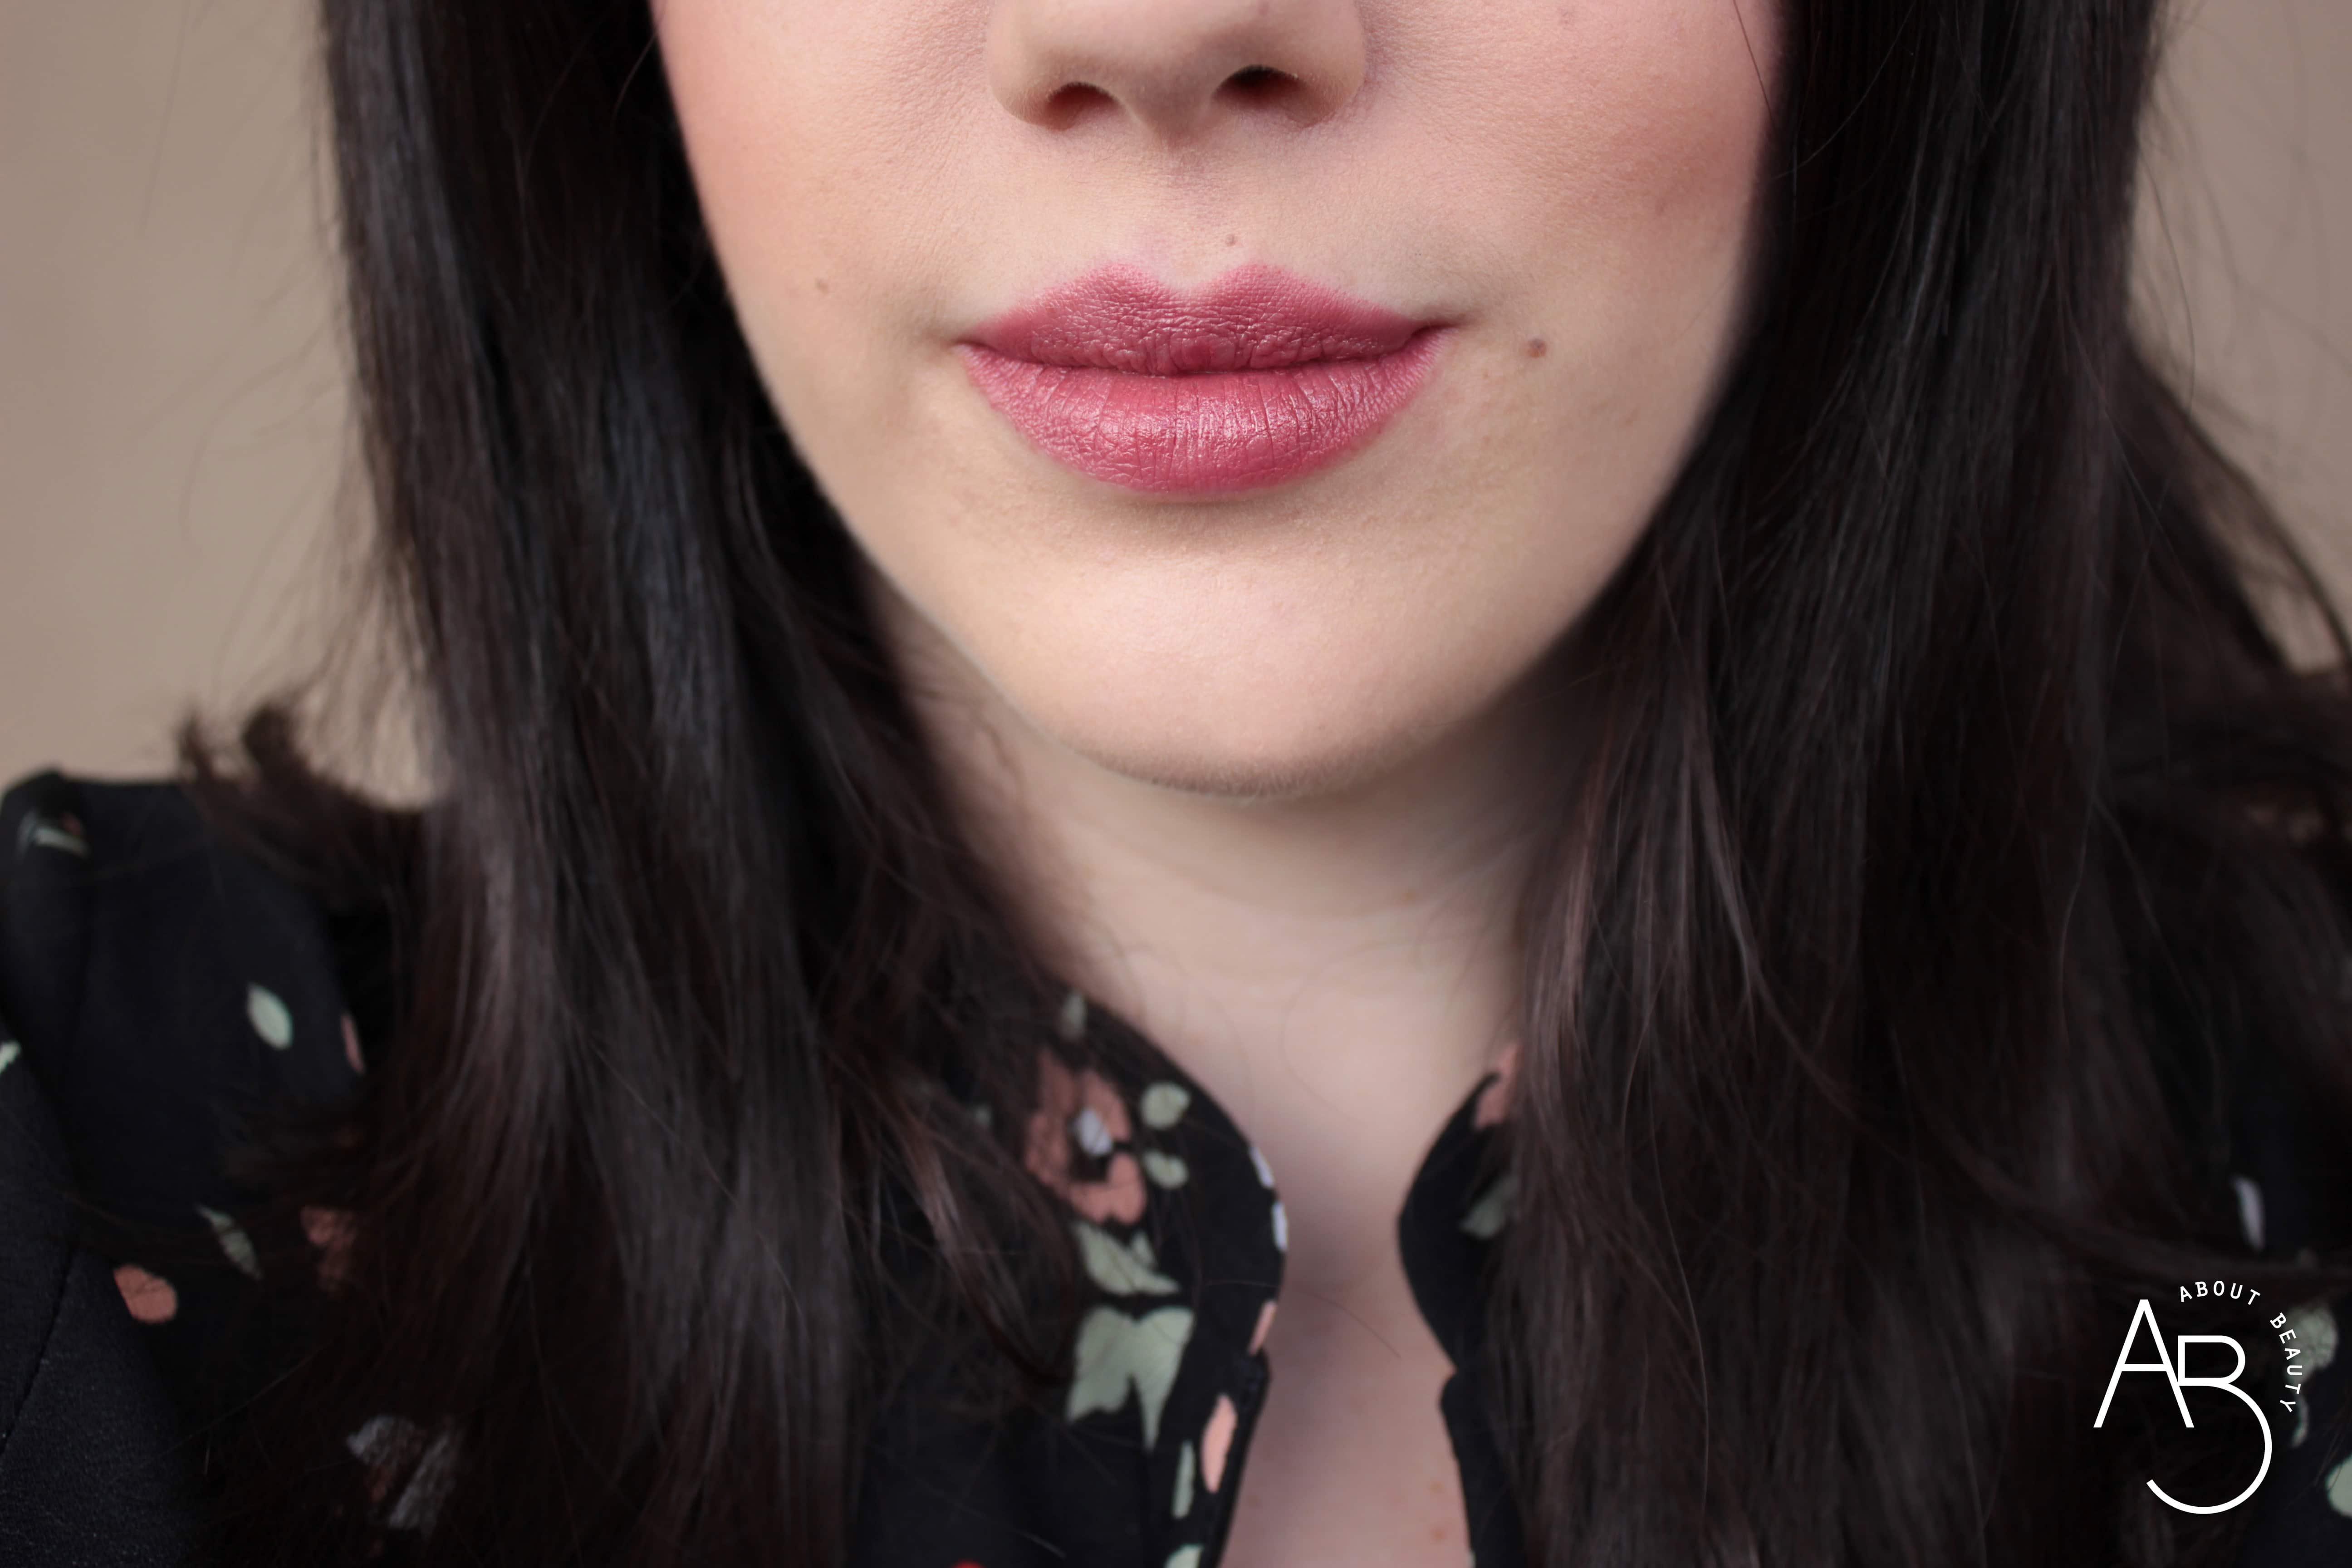 Nuovi rossetti newDElicious Dessert a Levres Neve Cosmetics 2019 - Info, review, recensione, opinioni, swatches, data uscita, prezzo, sconto - Vanilla Soufflé